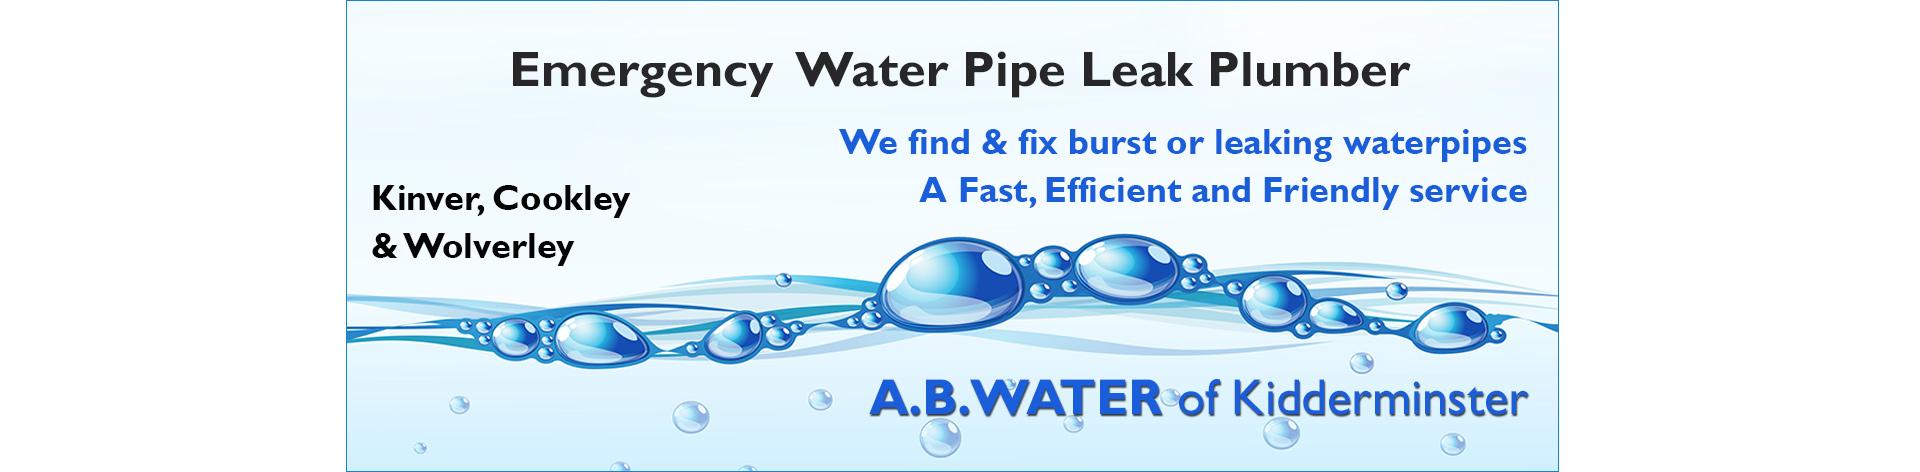 emergency-water-pipe-repairs-kinver